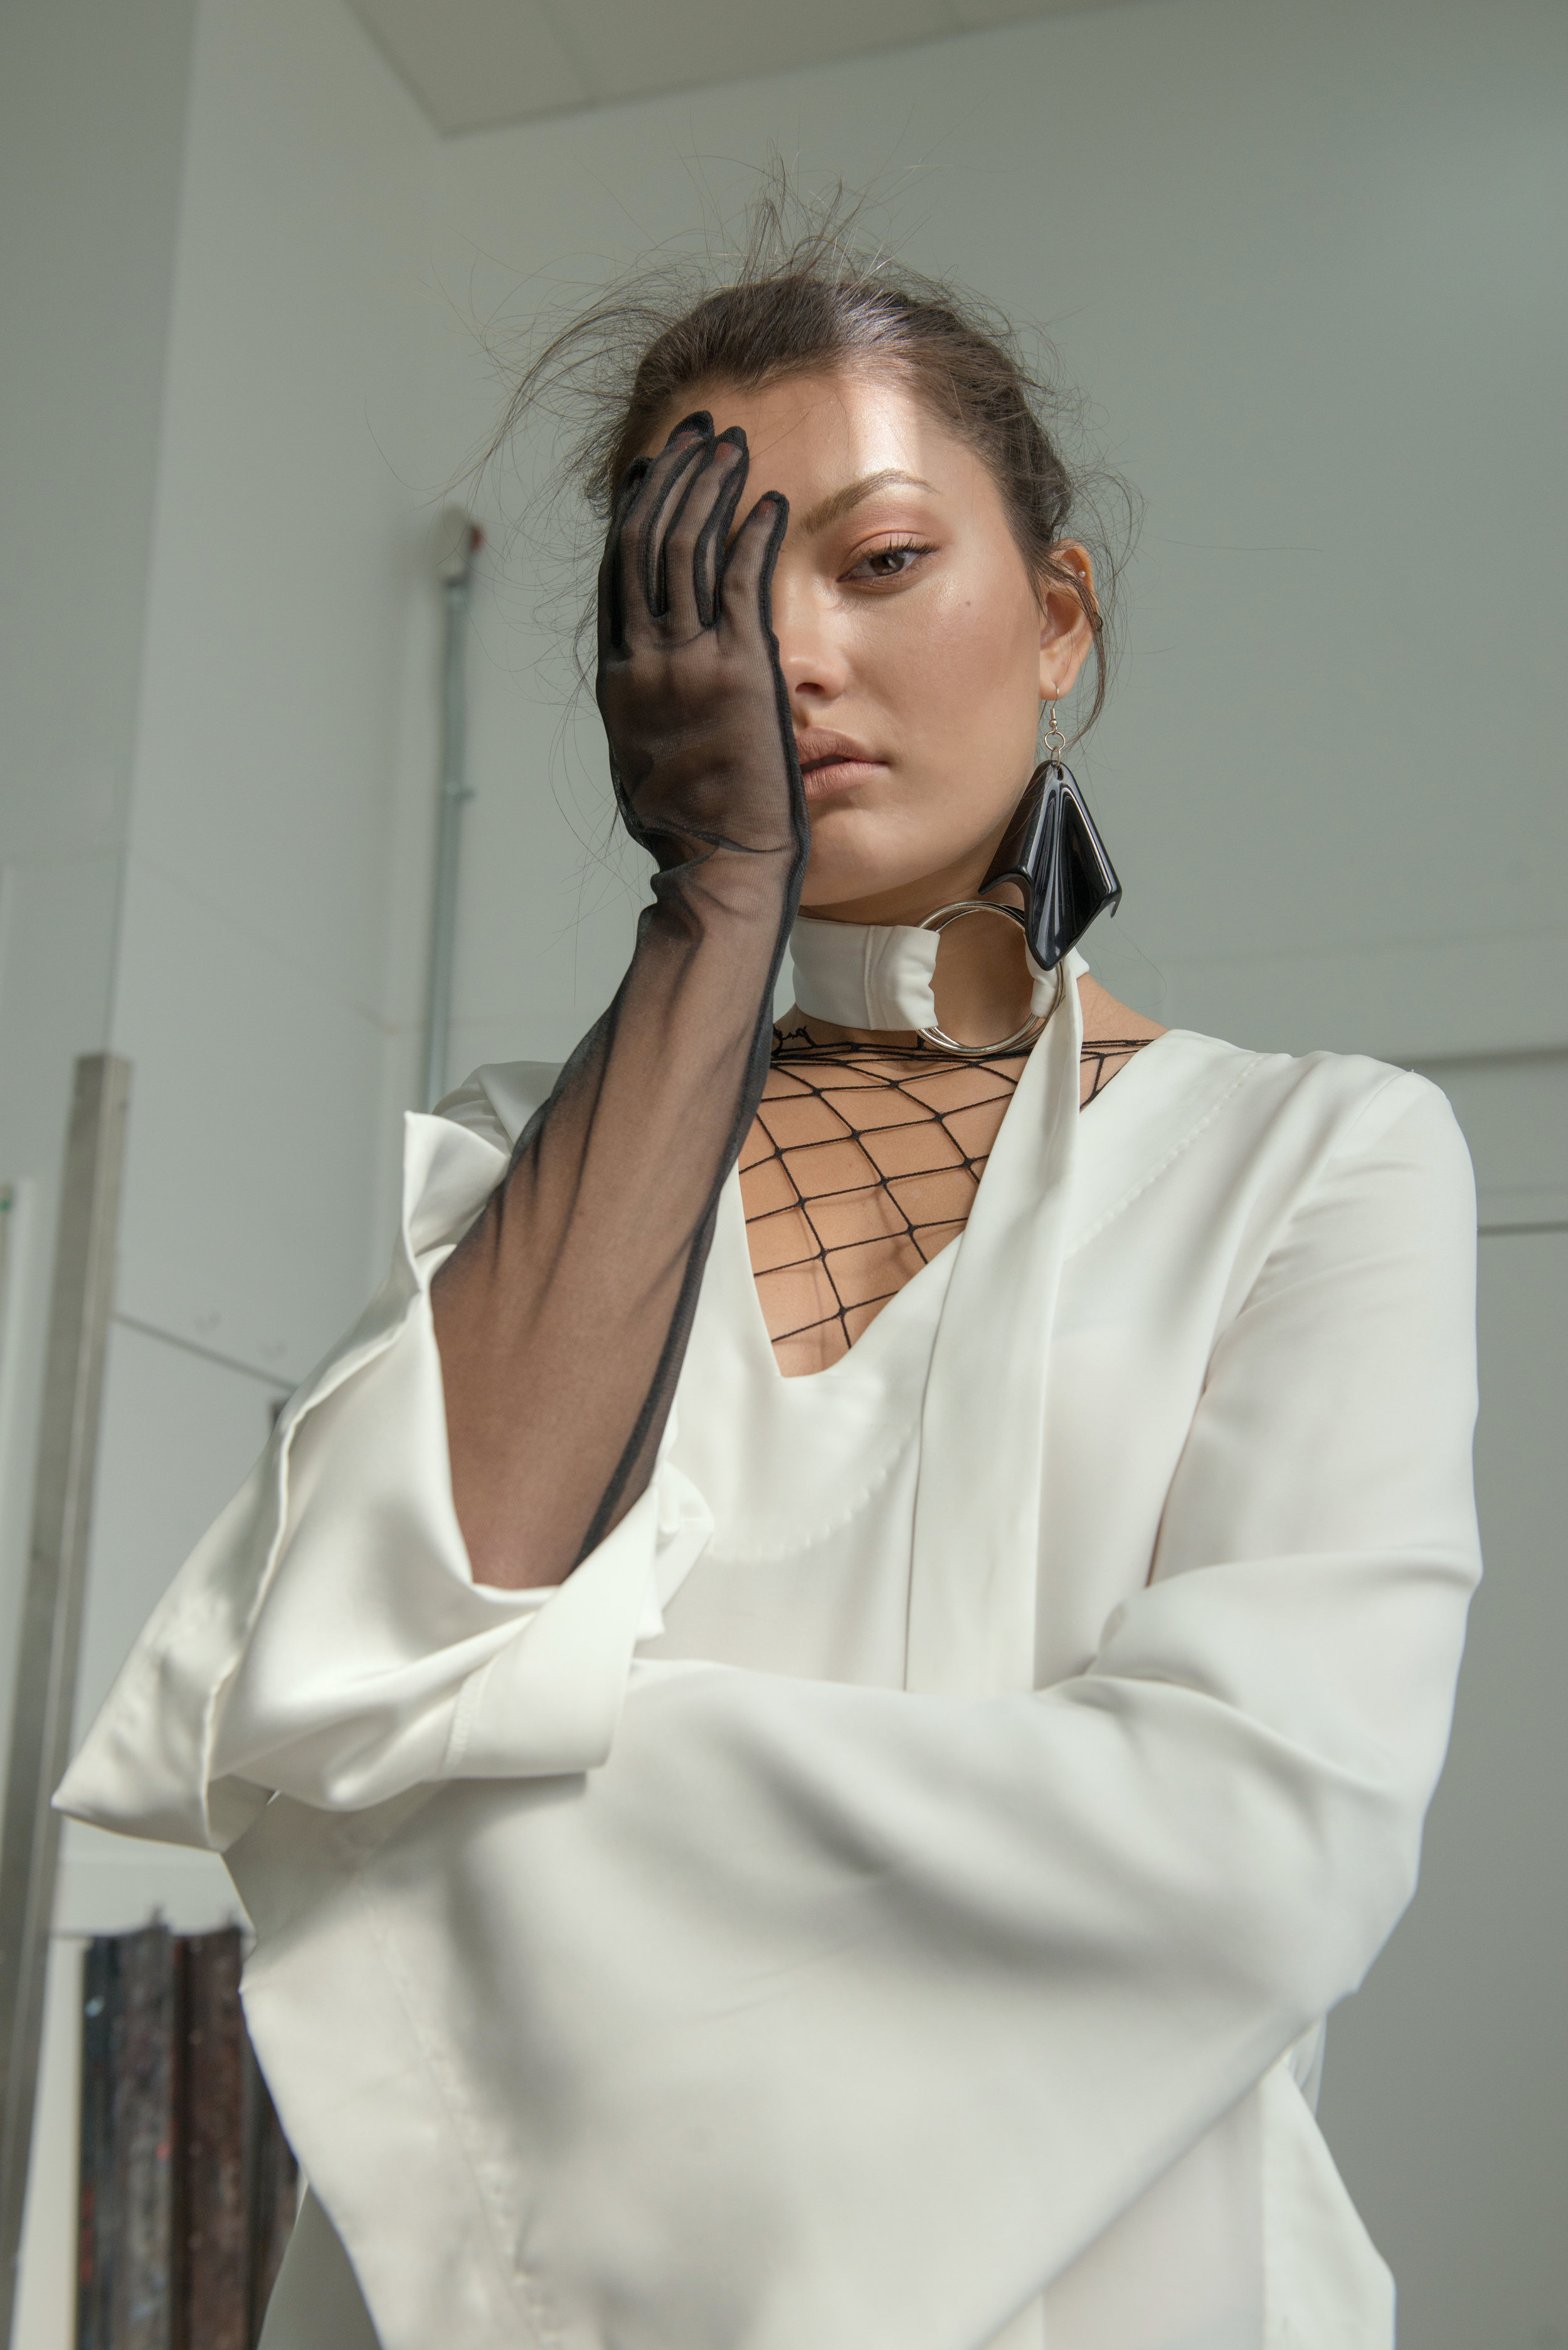 dress + gloves VINTAGE, earrings STYLIST'S ARCHIVE